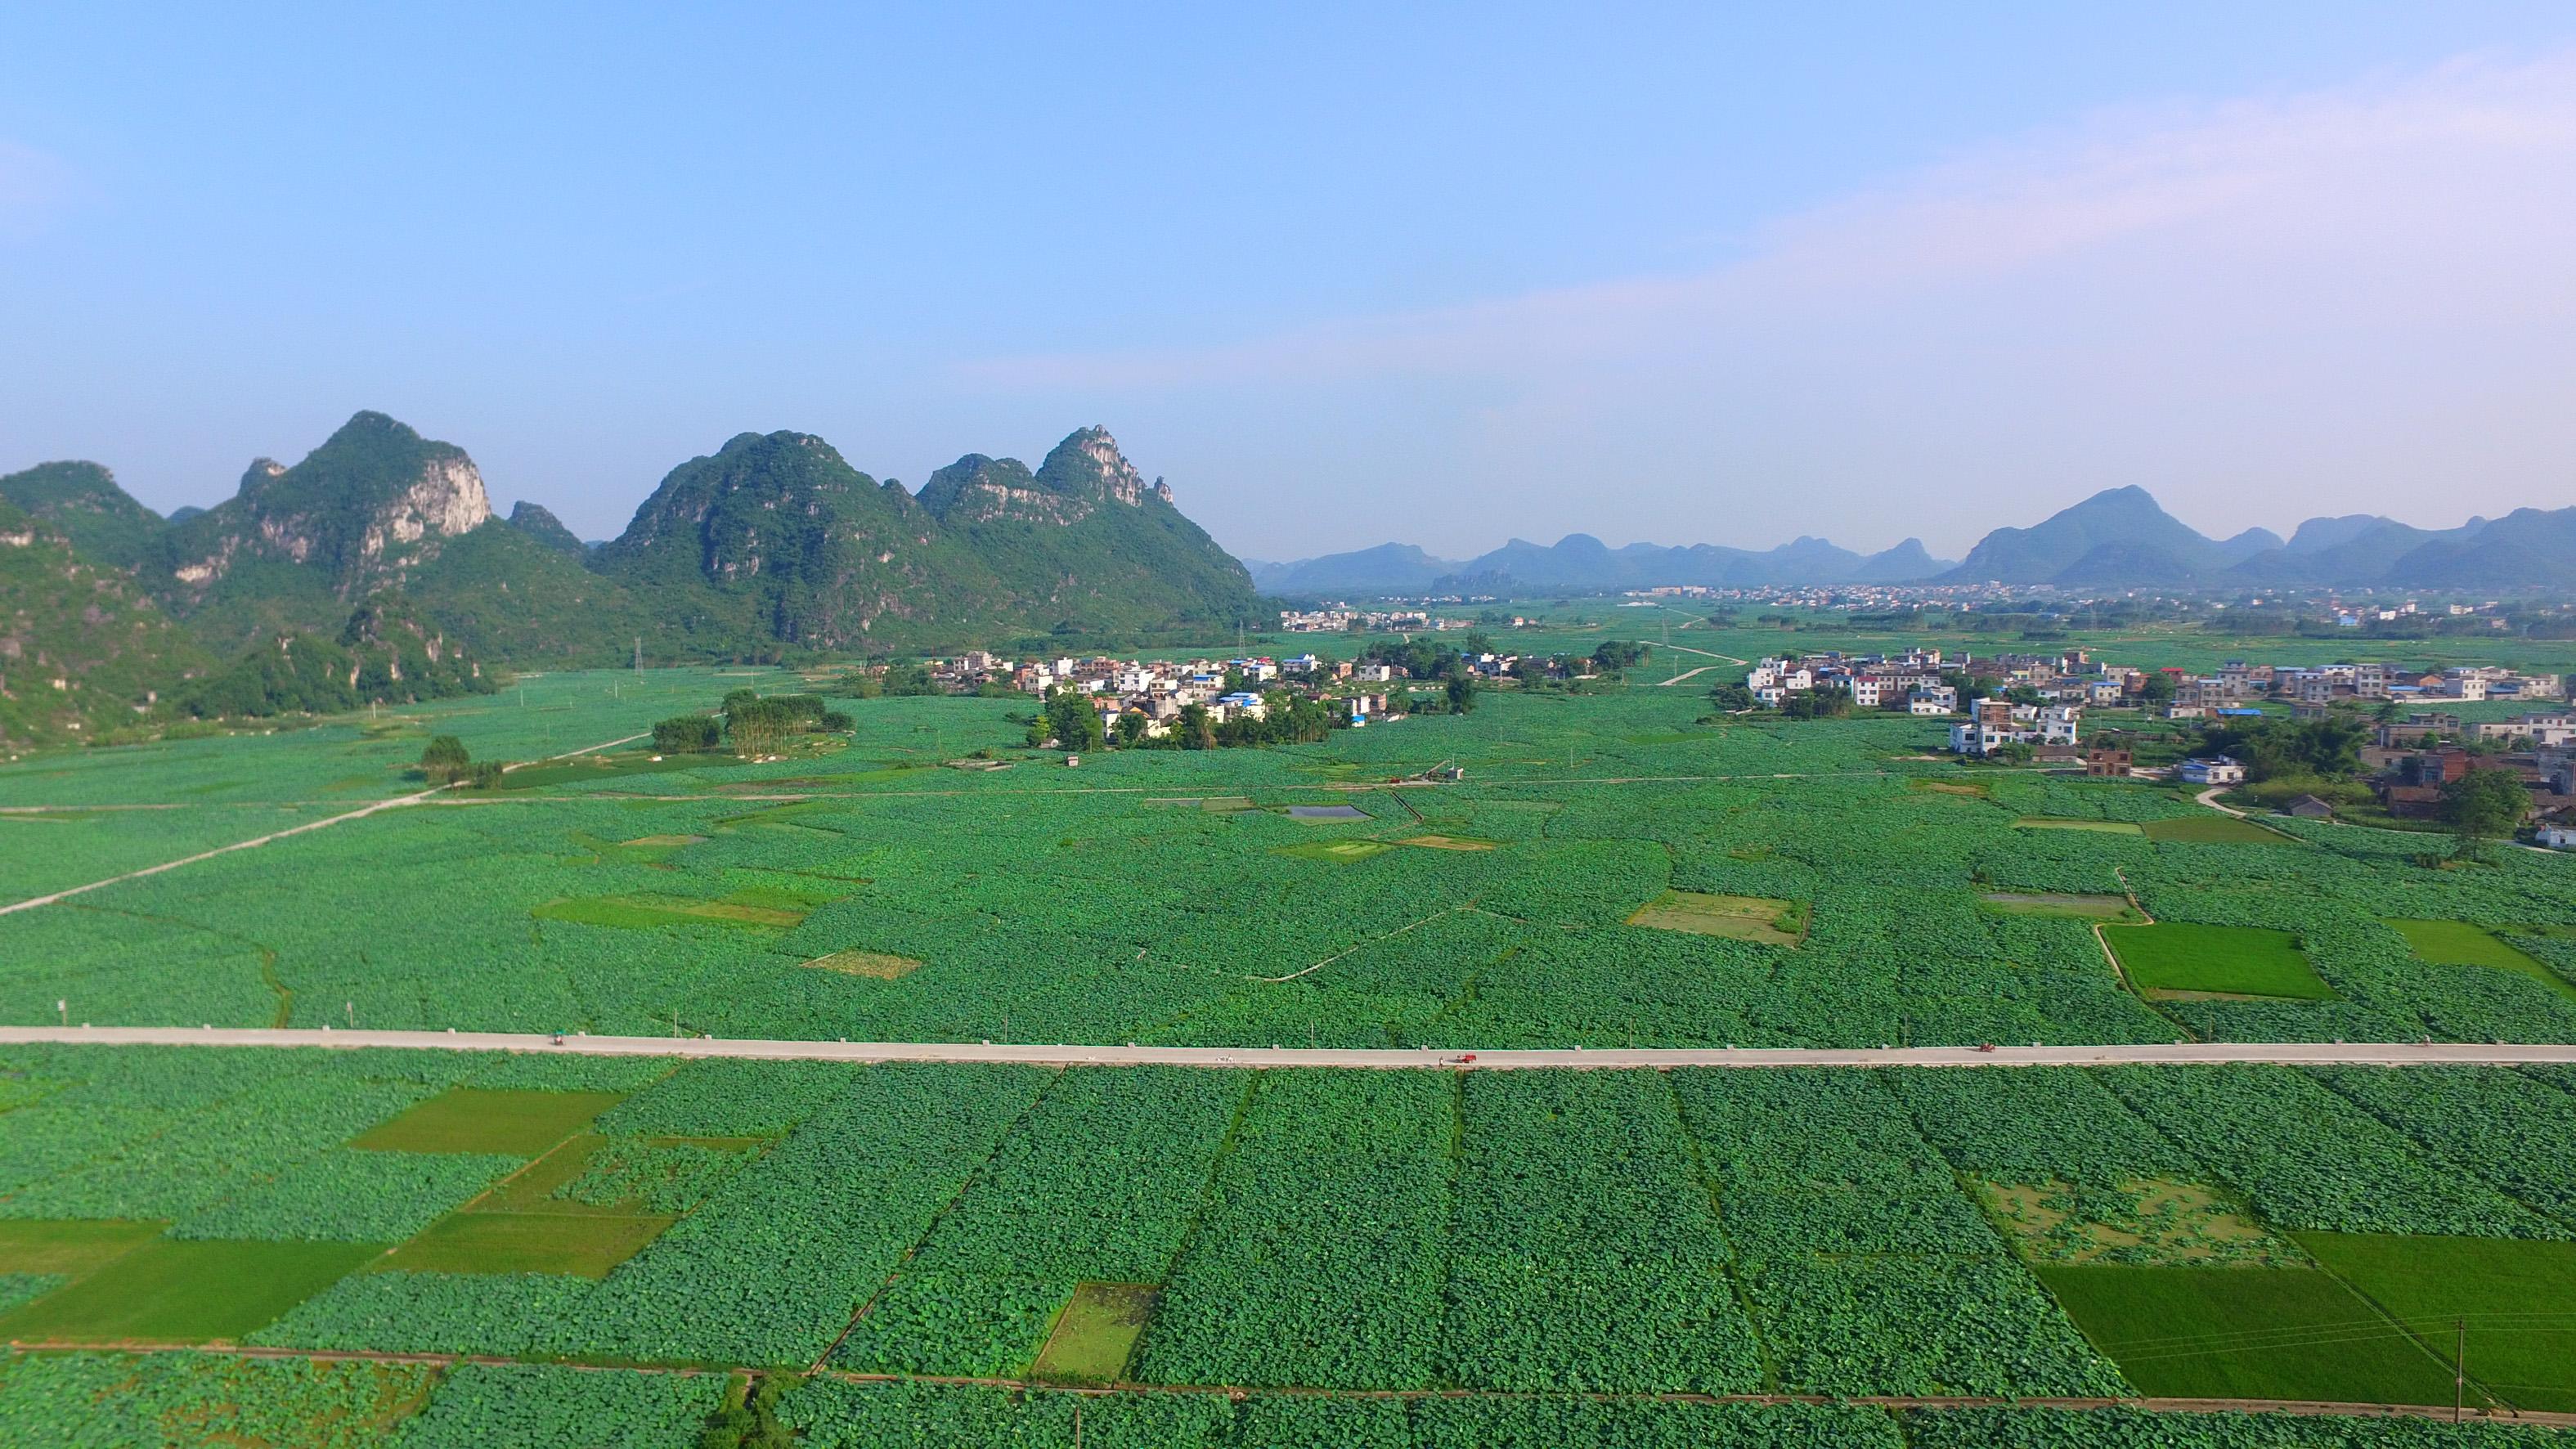 近日,广西柳州市柳江区百朋镇种植的万余亩莲藕开始进入收获季节